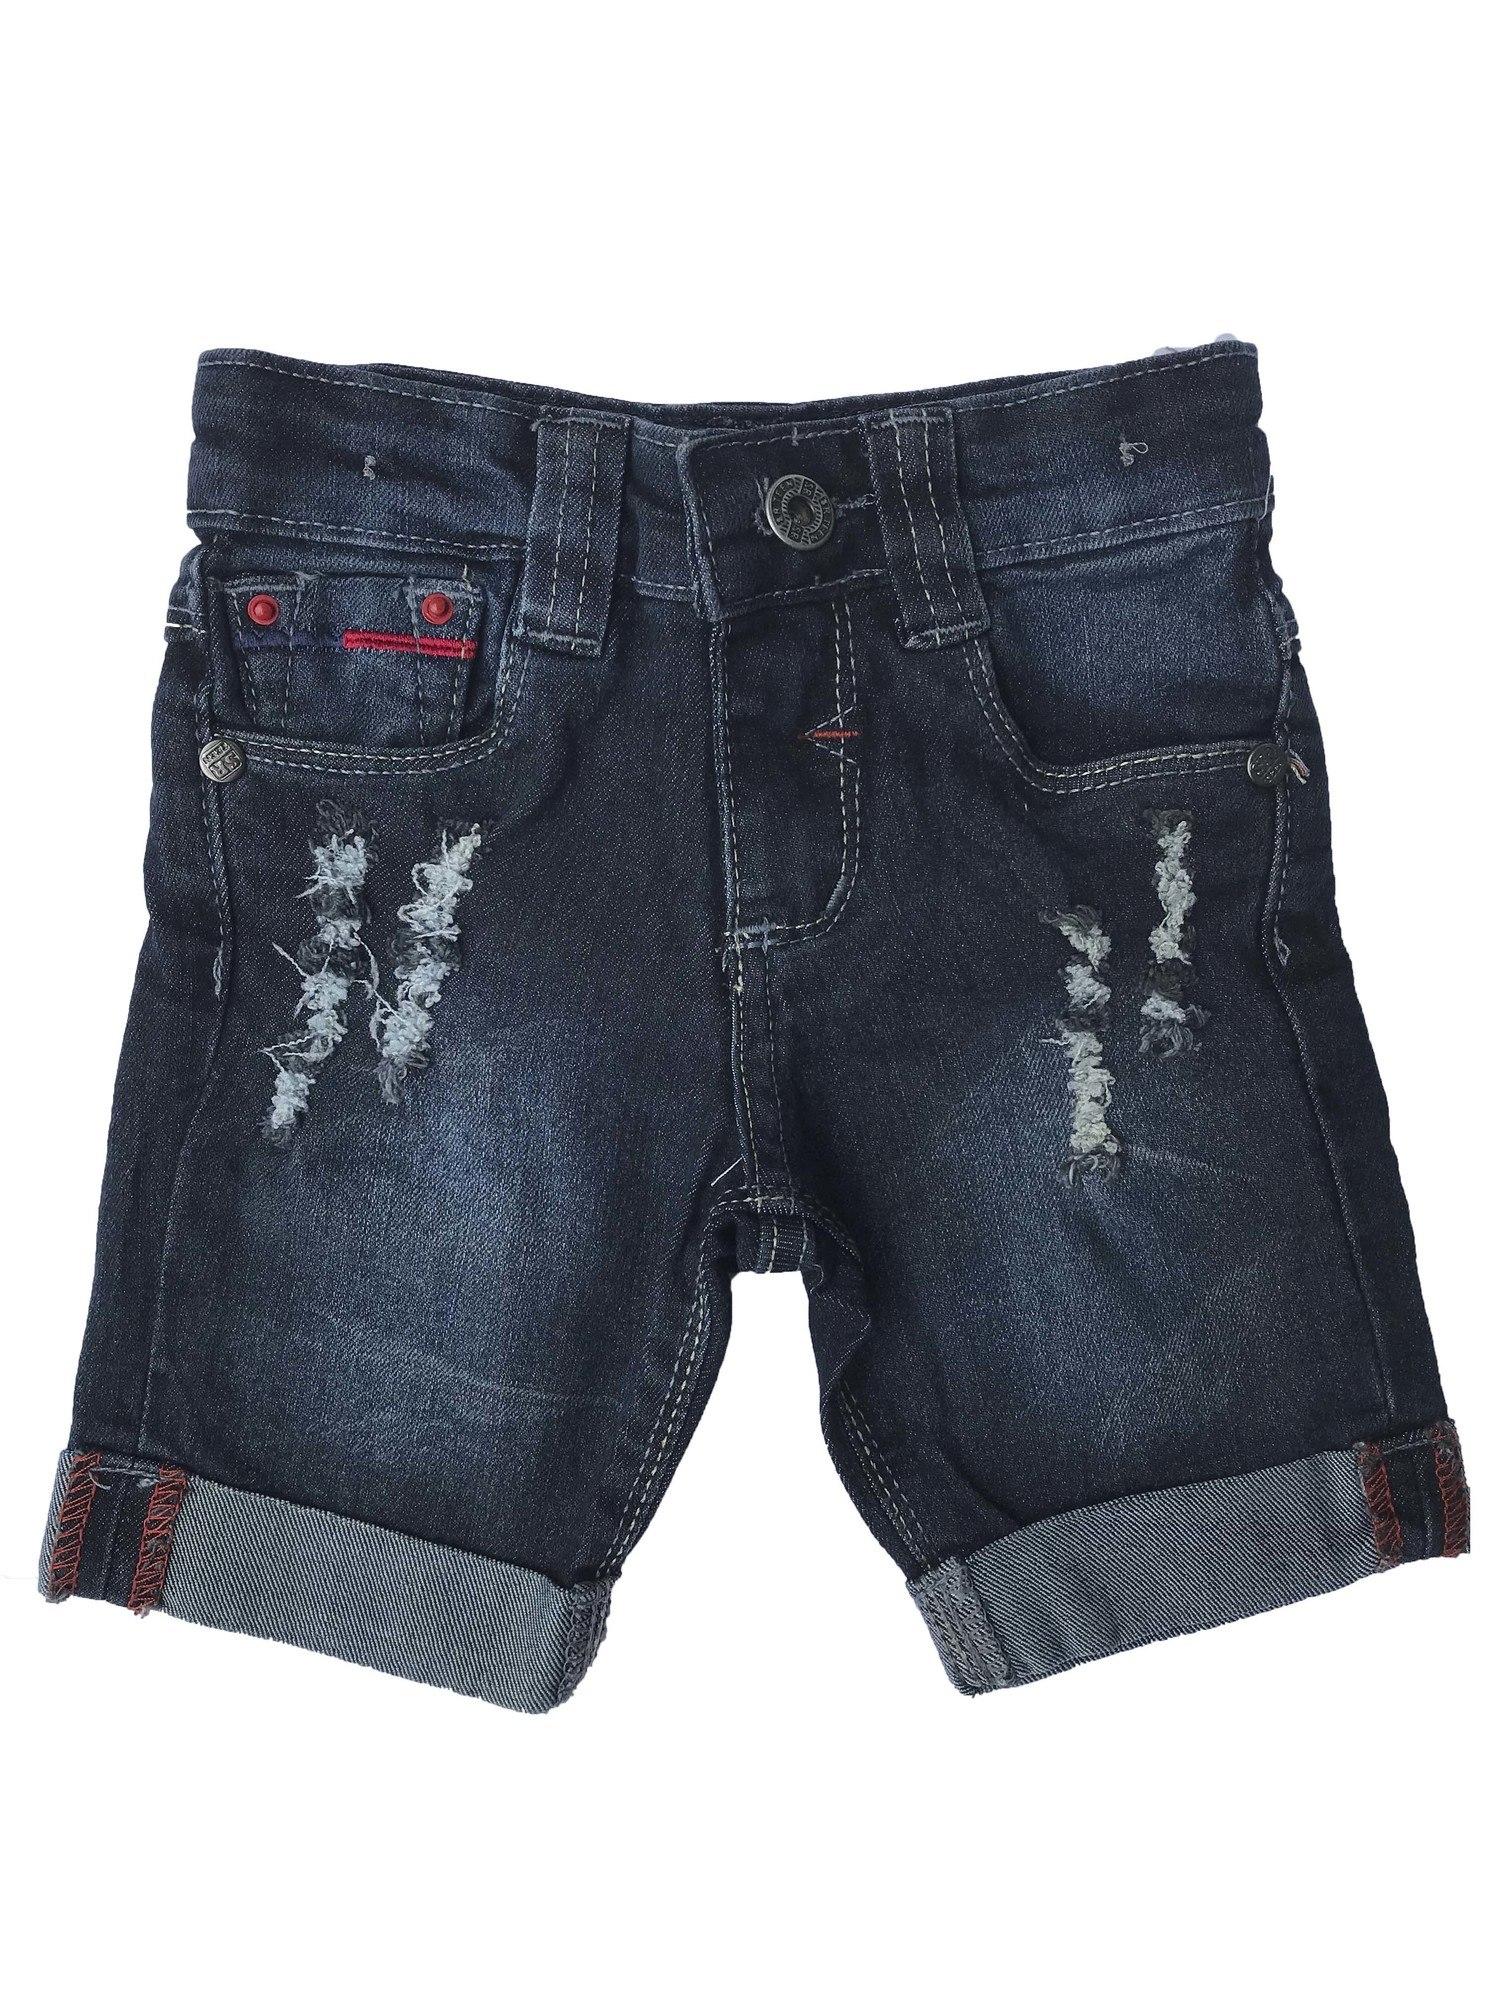 Bermuda Masculina Jeans Bebê [810]